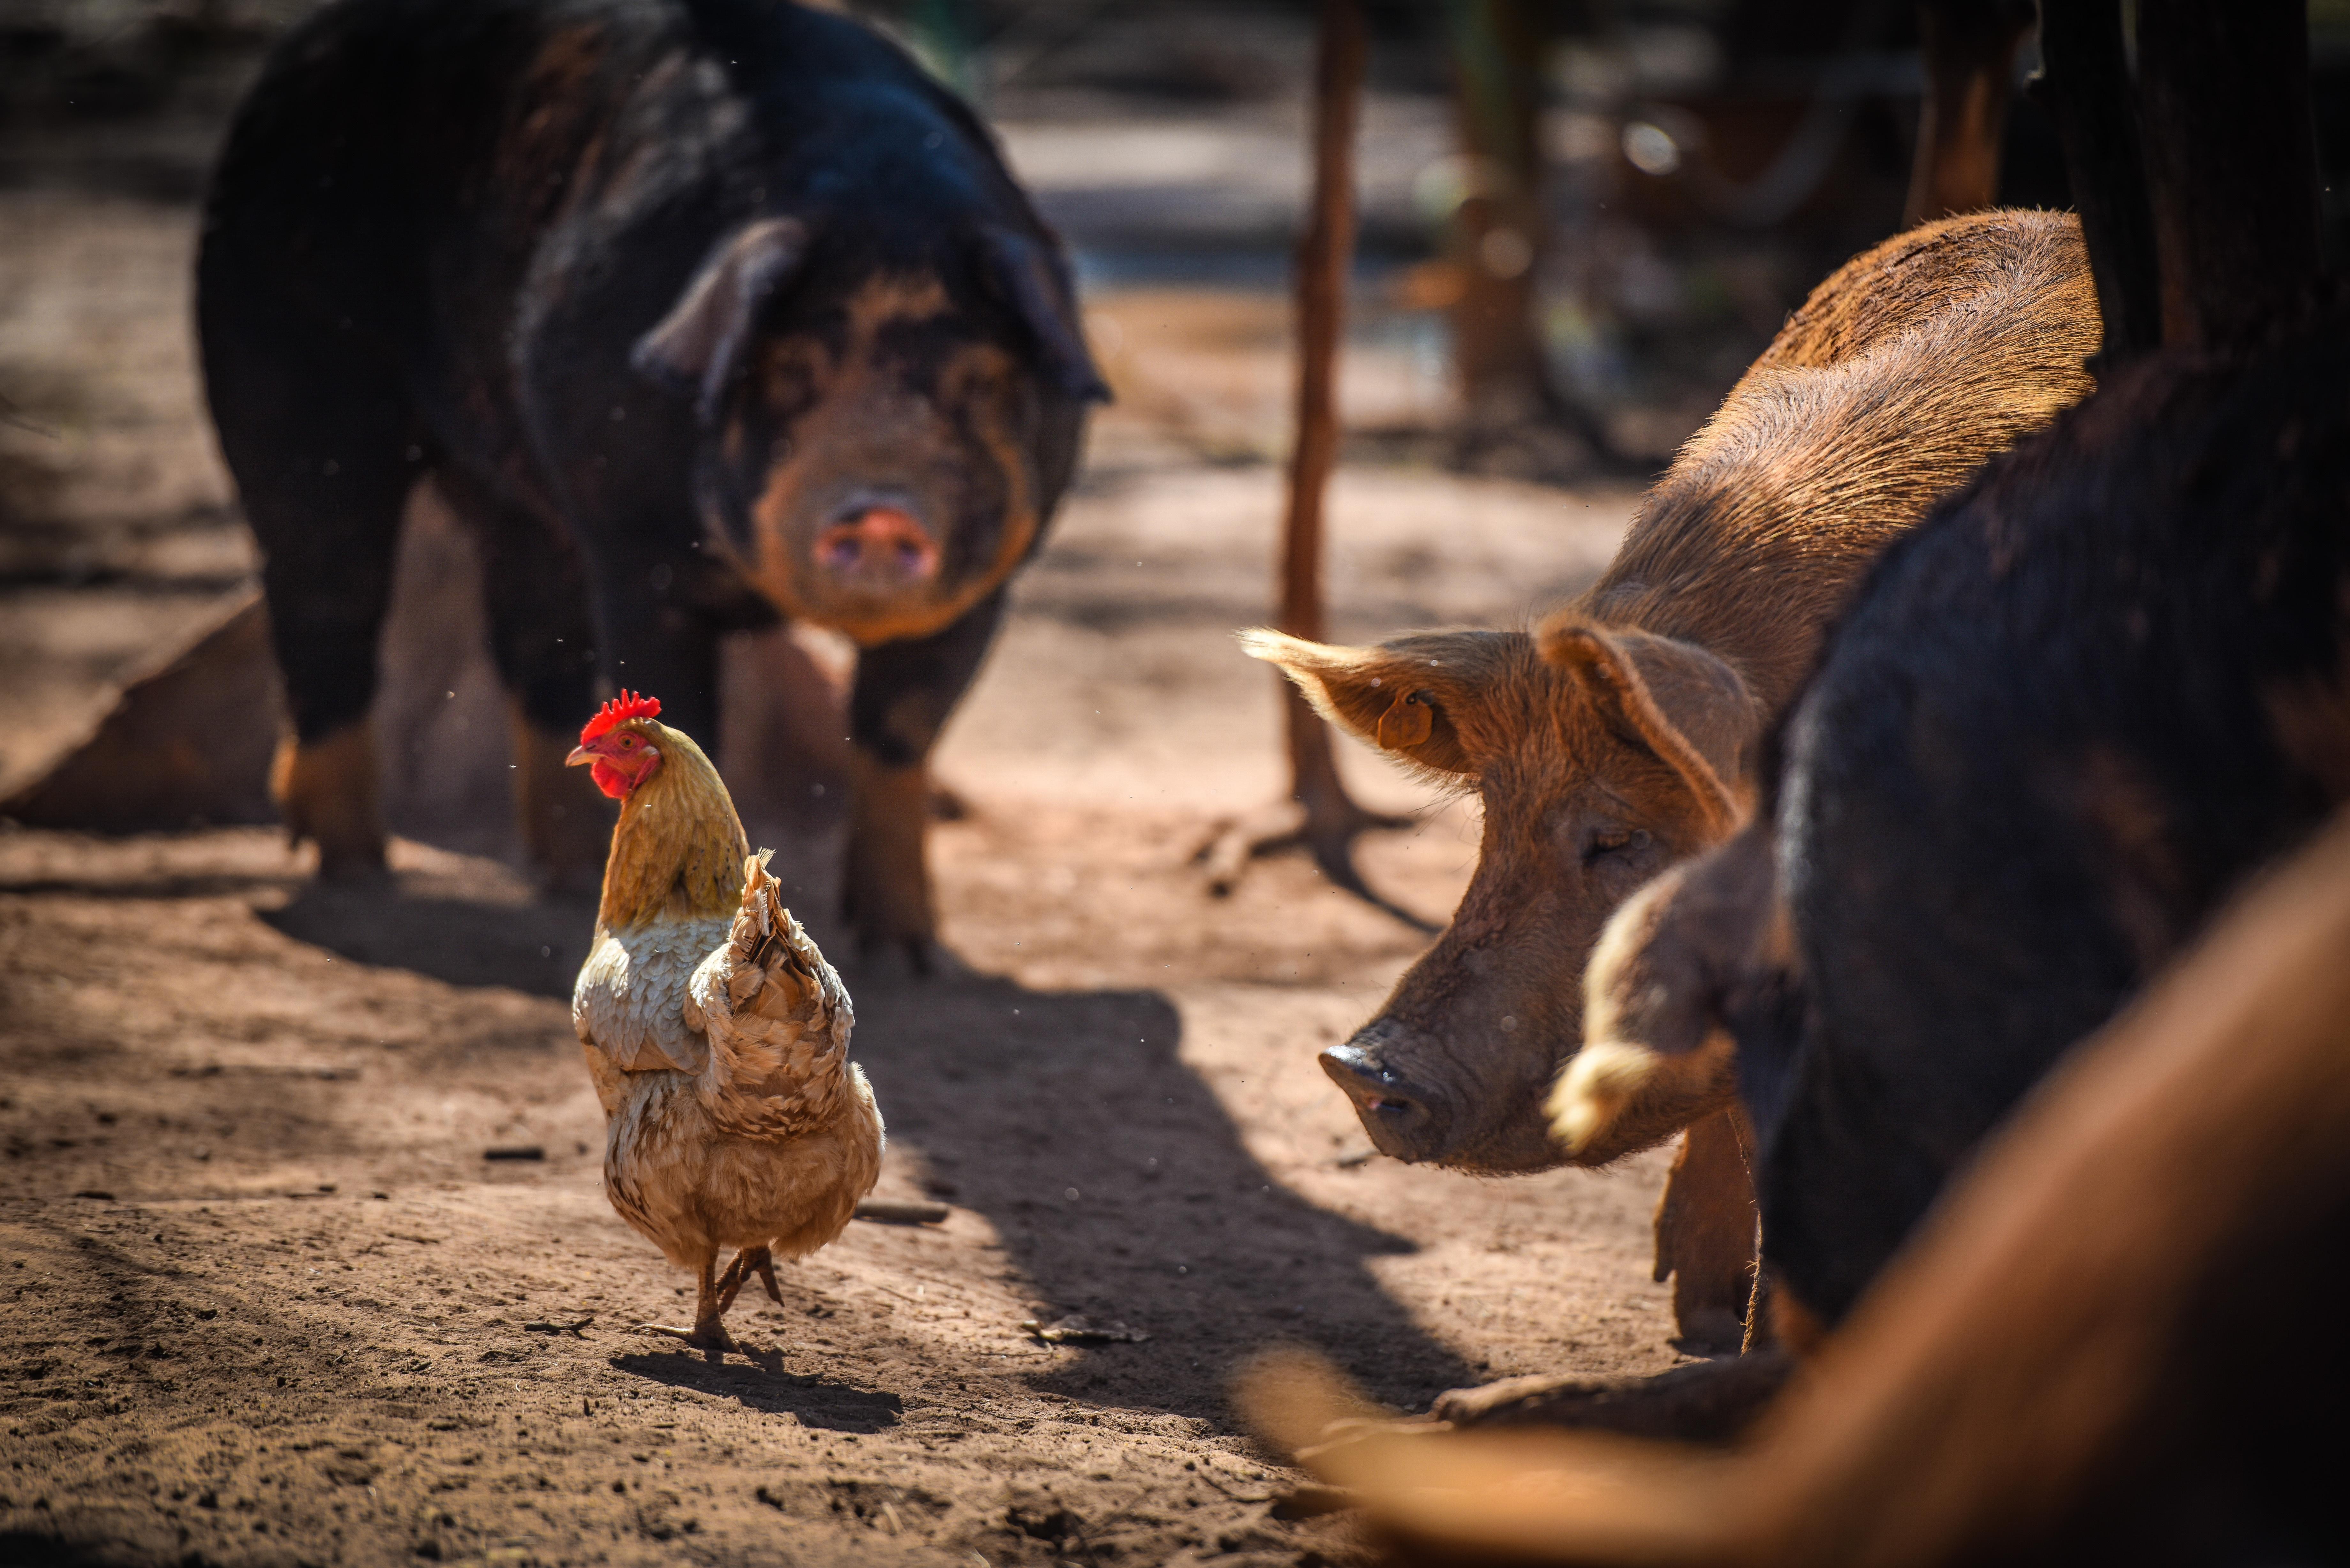 hogs watching a laying hen